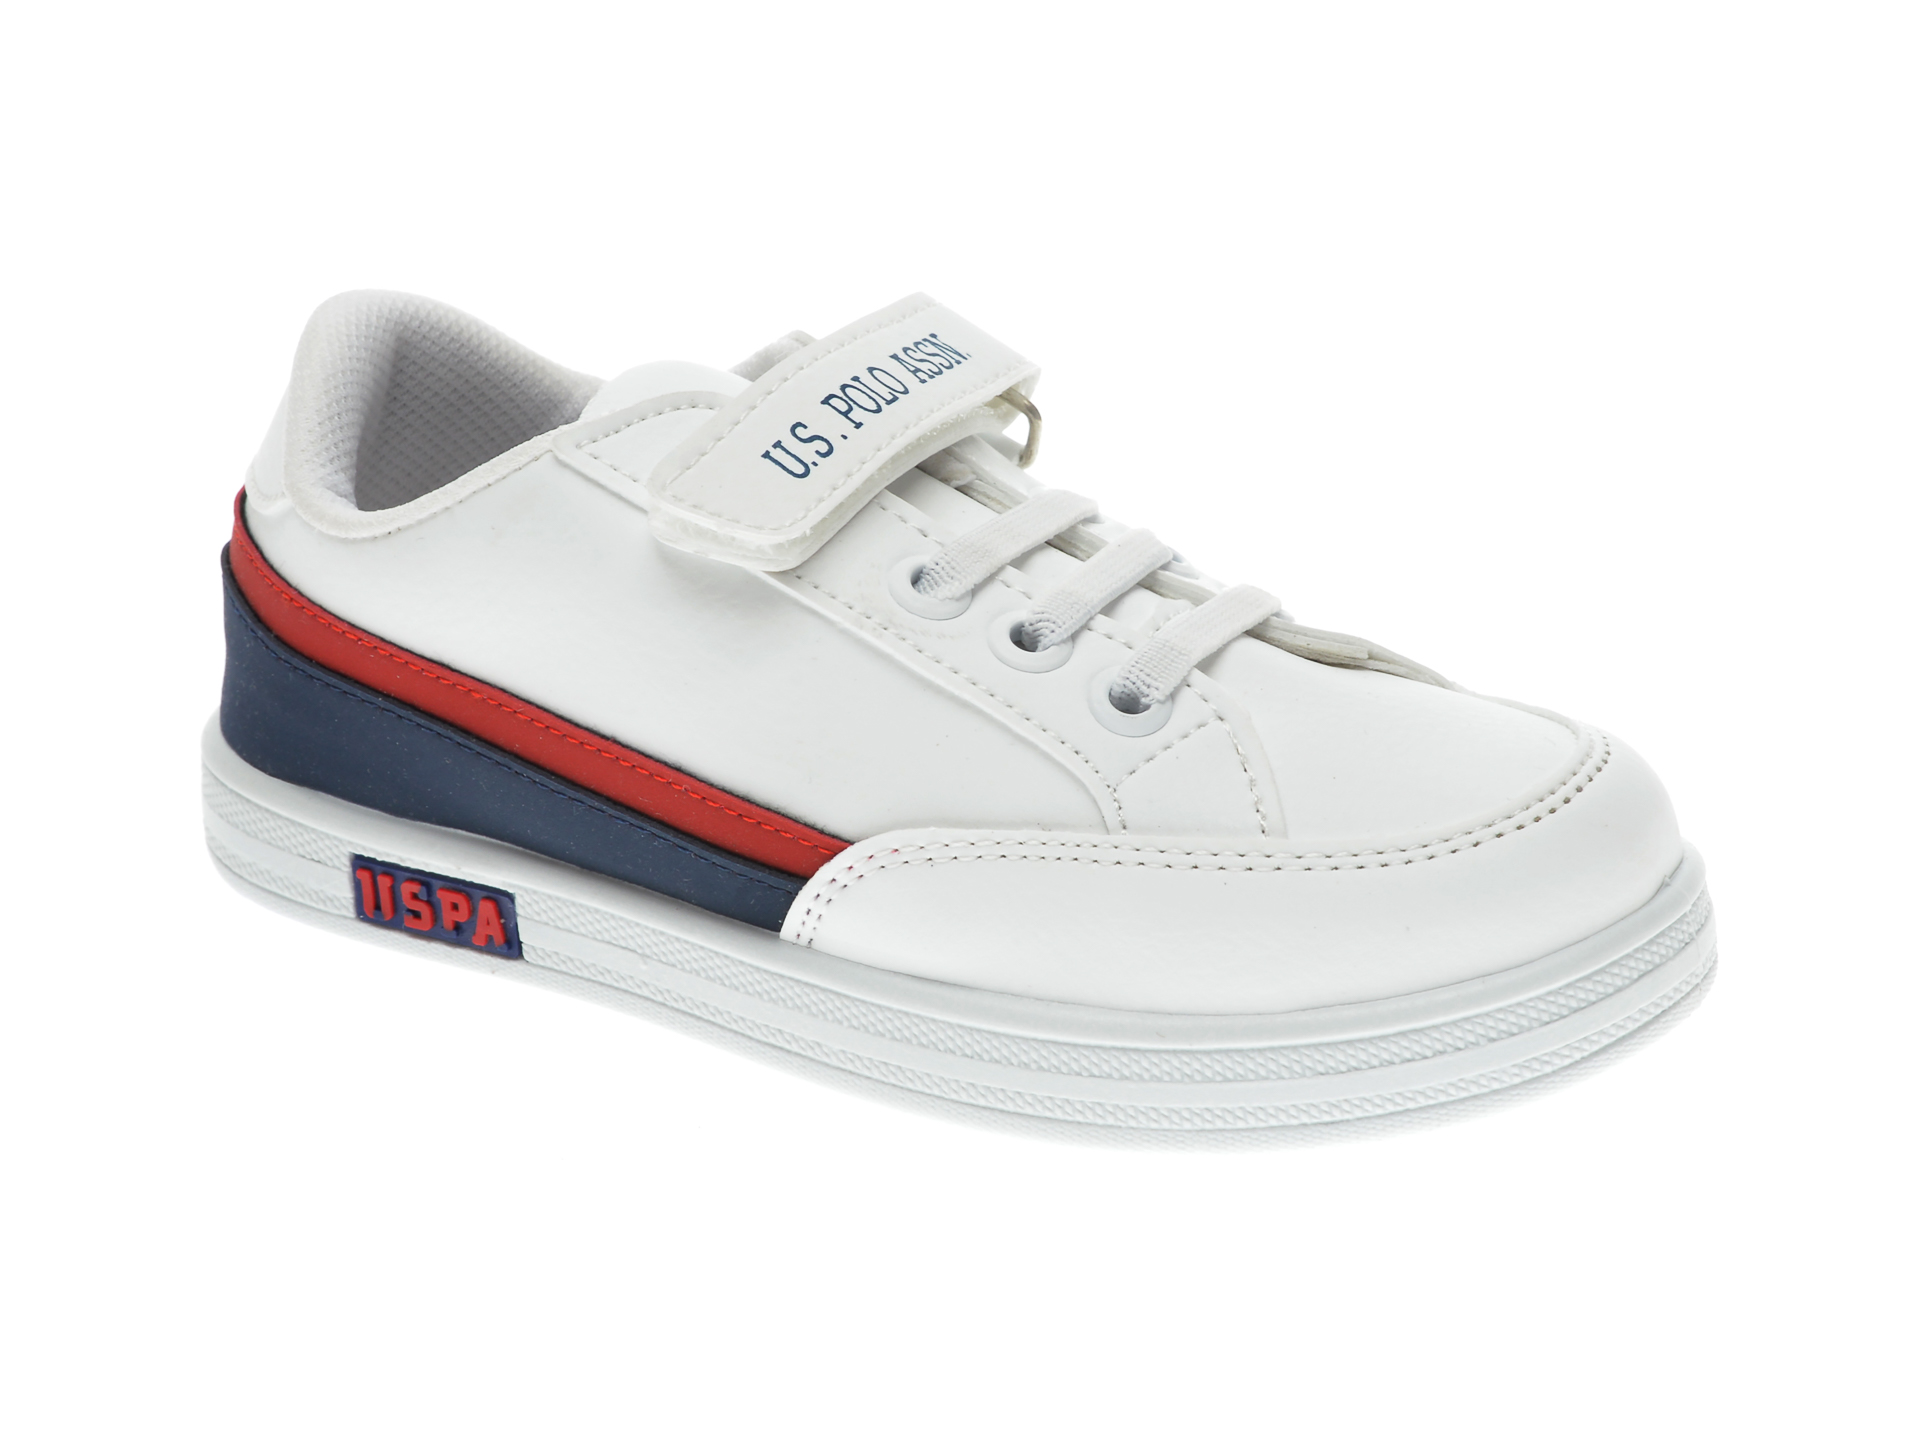 Pantofi sport US POLO ASSN albi, 429391, din piele ecologica imagine